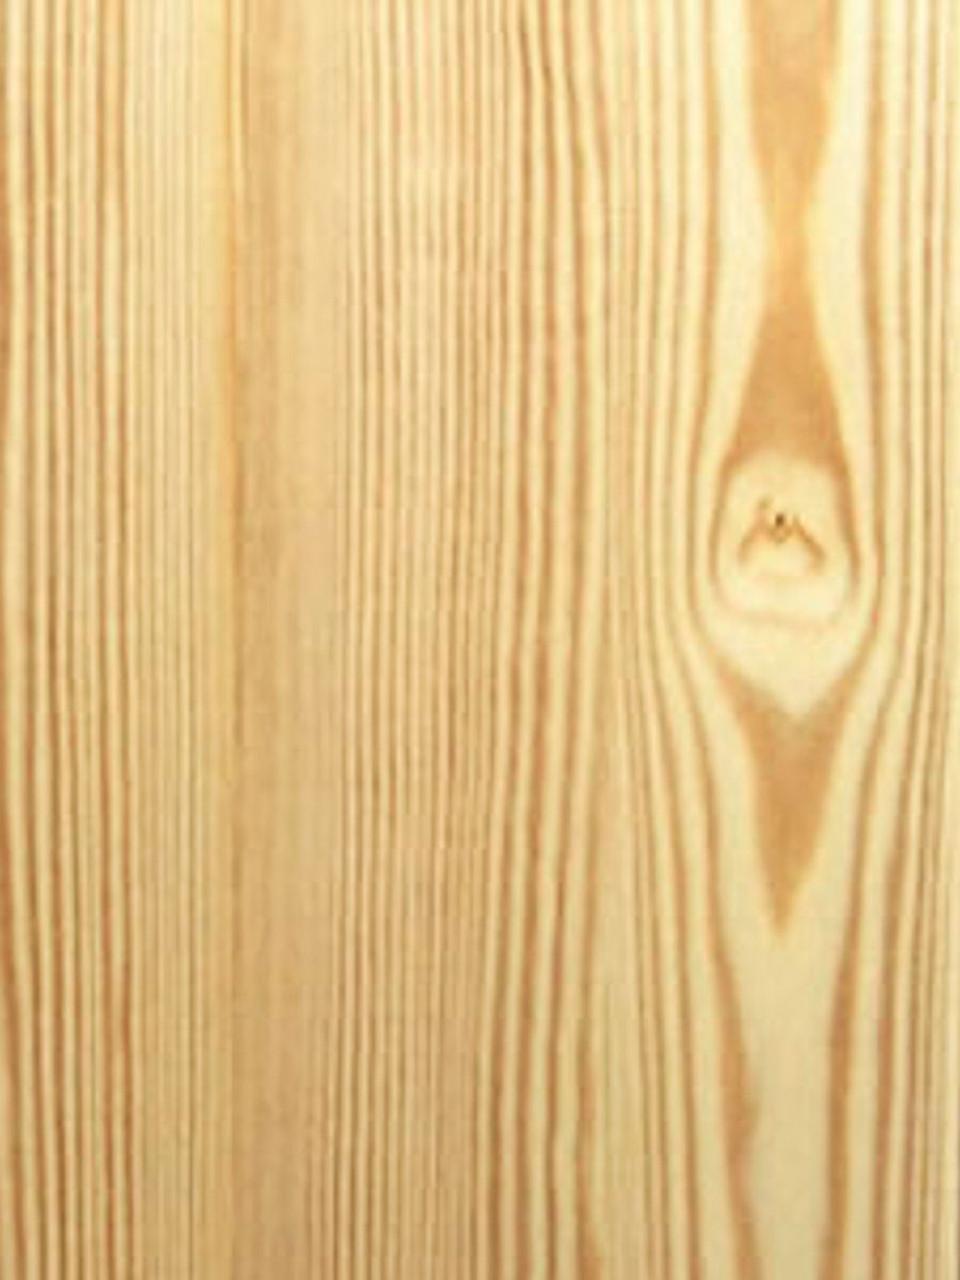 Yellow Radiatta Pine